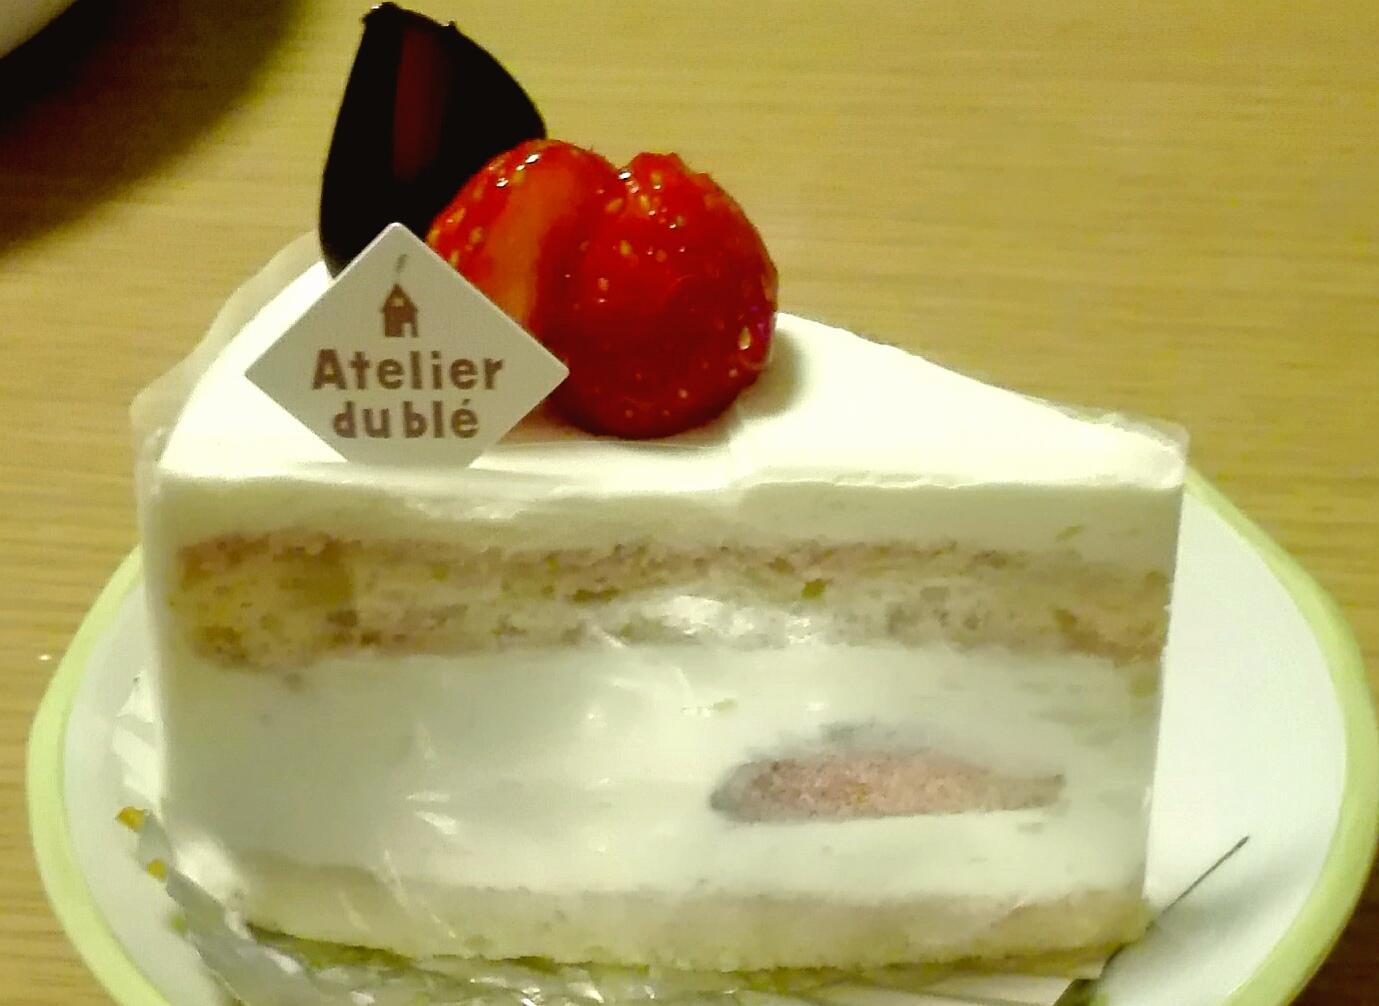 アトリエ ブレ(松本市)のイチゴショートケーキ